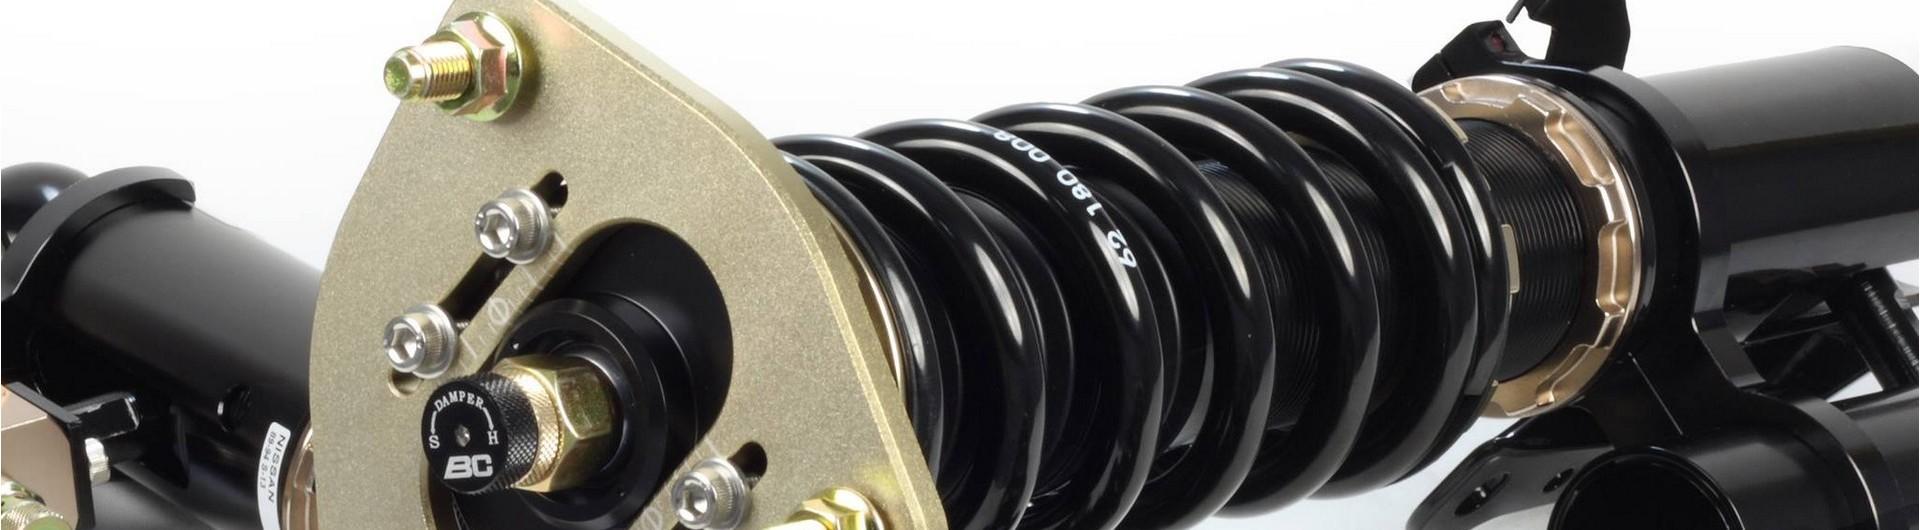 Kit suspension et frein personnalisable haut de gamme chez R&D